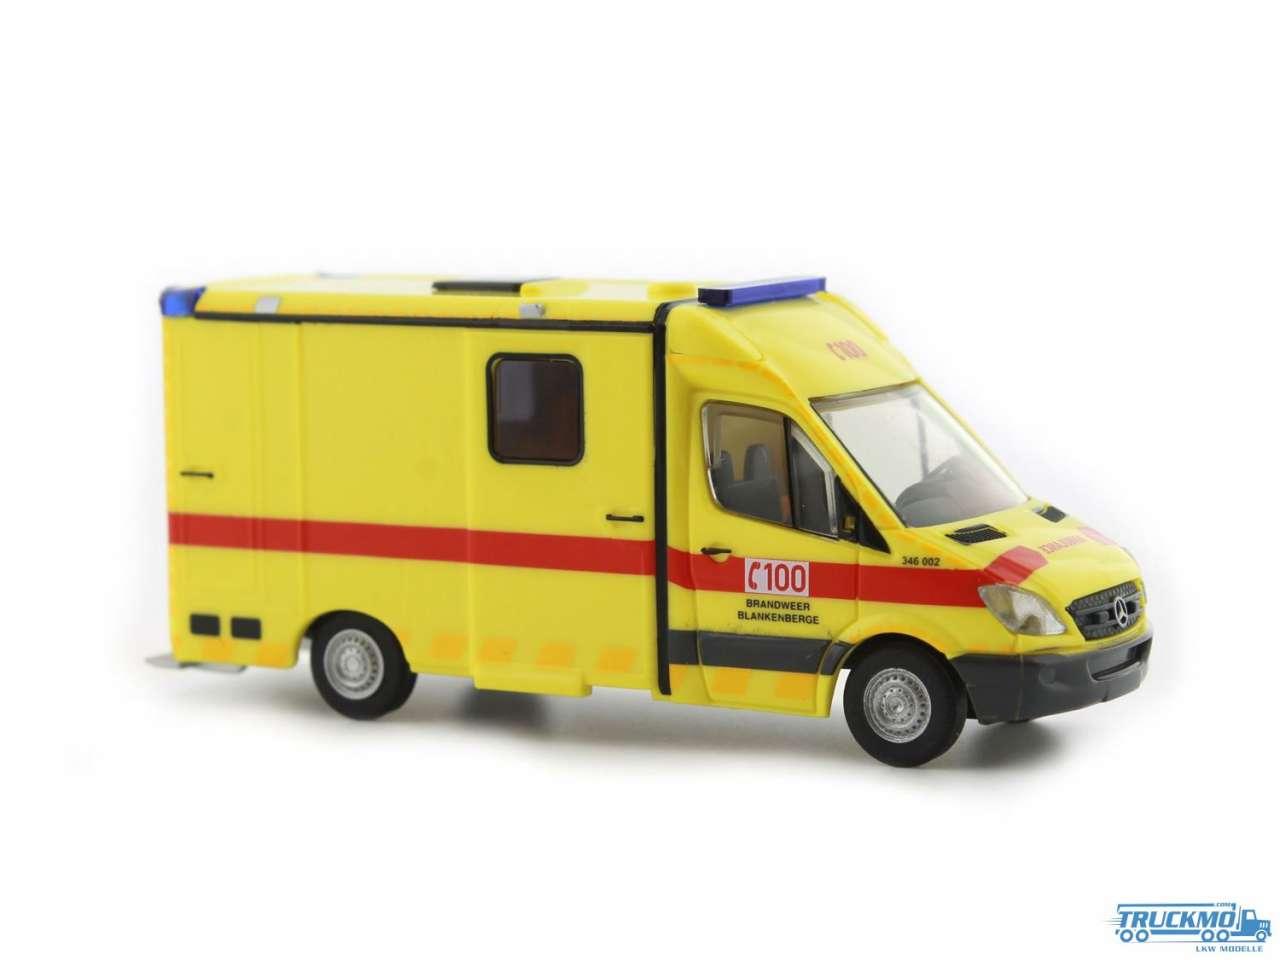 Rietze Brandweer Blankenberge Mercedes Benz System Strobel RTW 61783